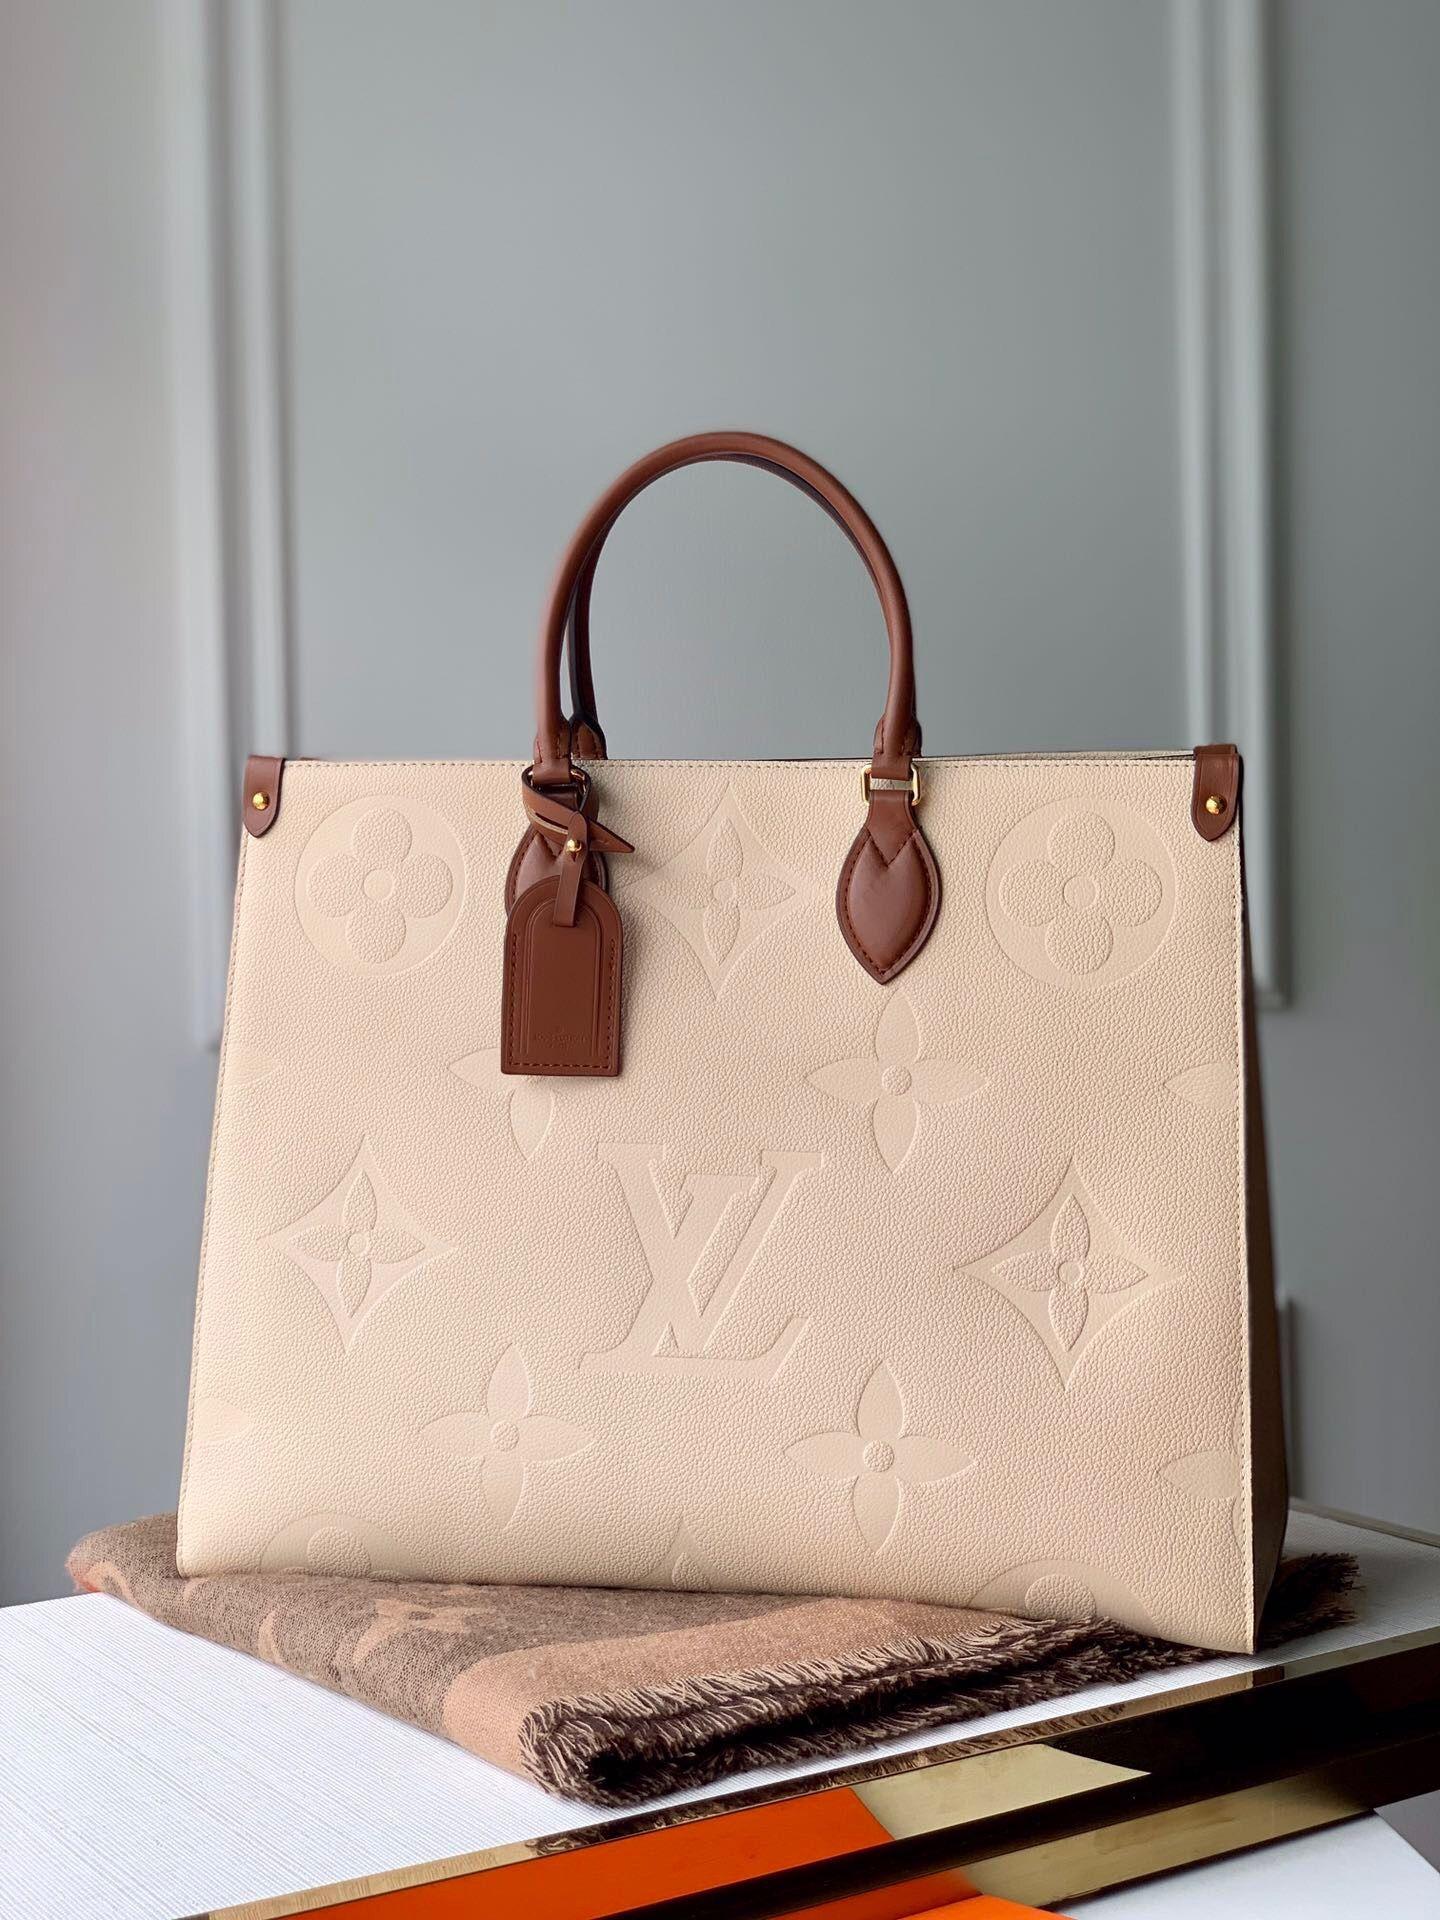 تصویری کلاسیک از یک کیف شیک 2020 لویی ویتون